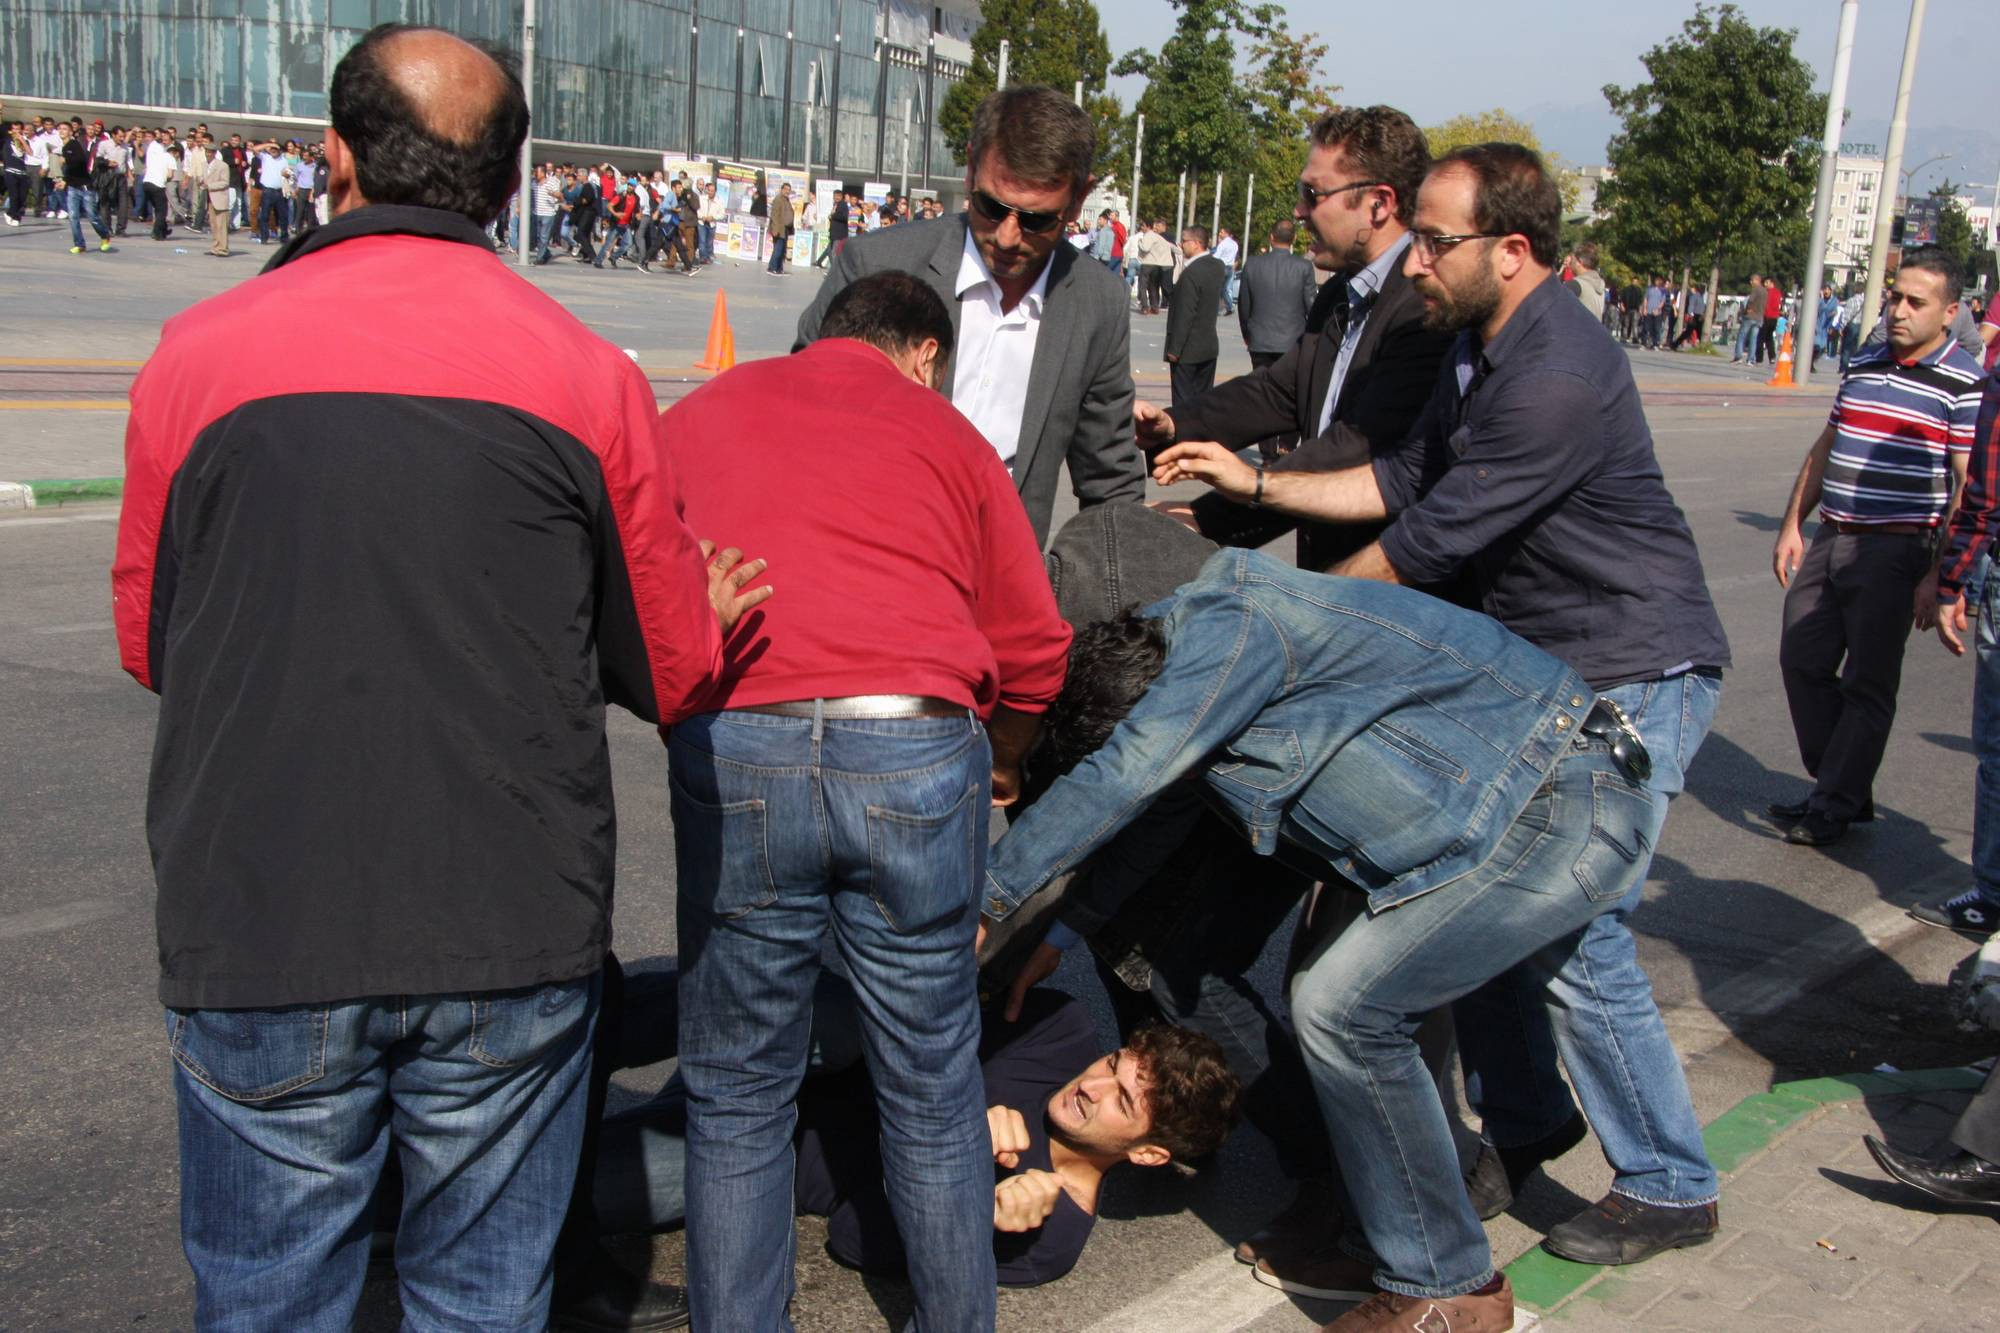 Bursa`da izinsiz gösteride olaylar çıktı! 20